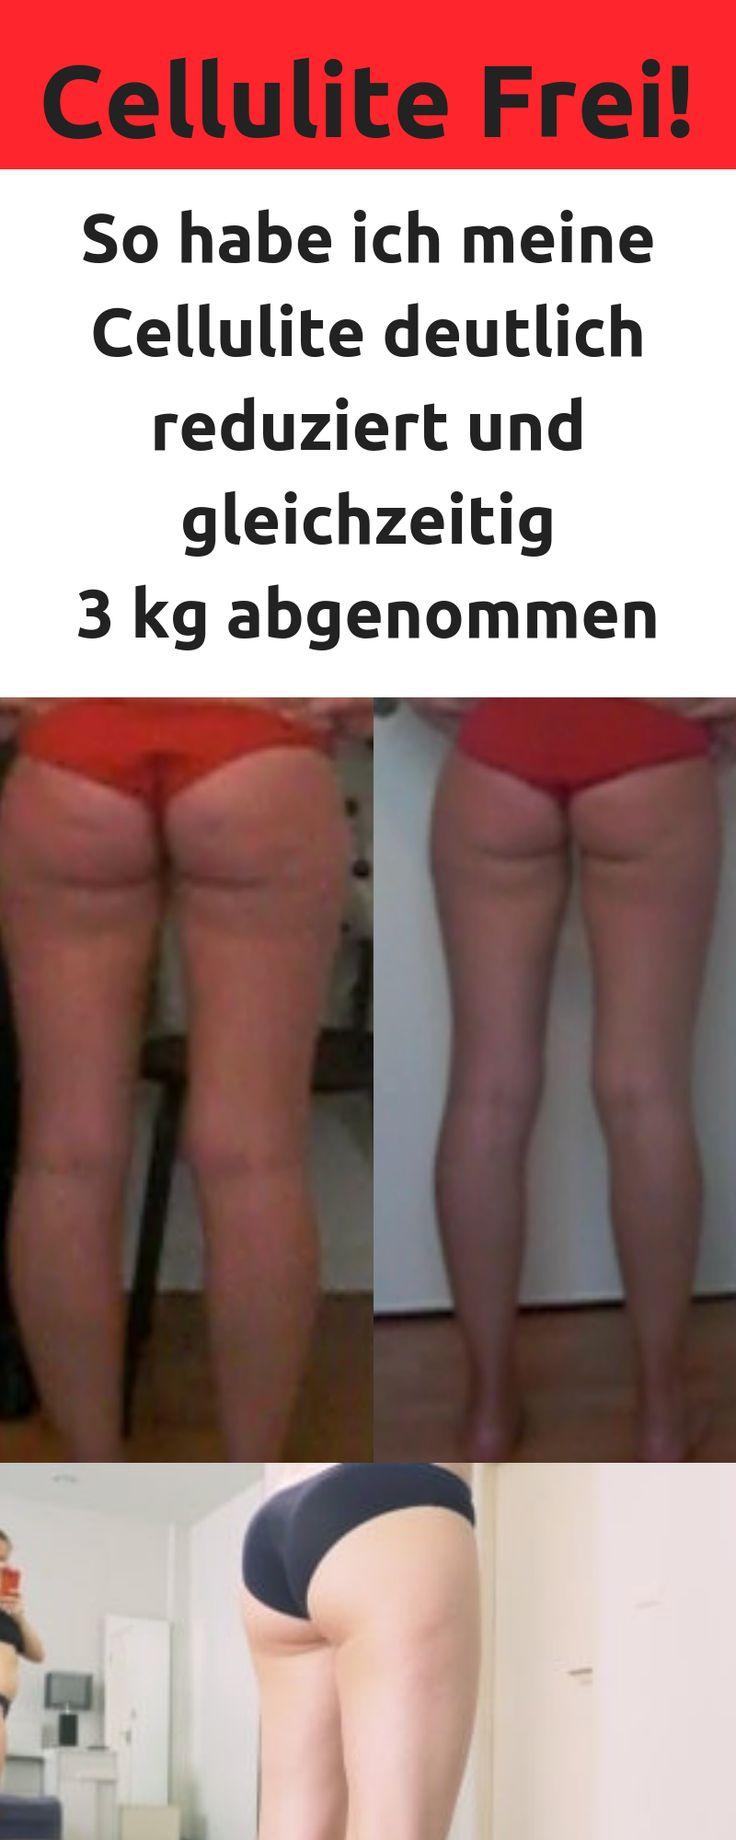 So bin ich meine Cellulite endlich losgeworden!